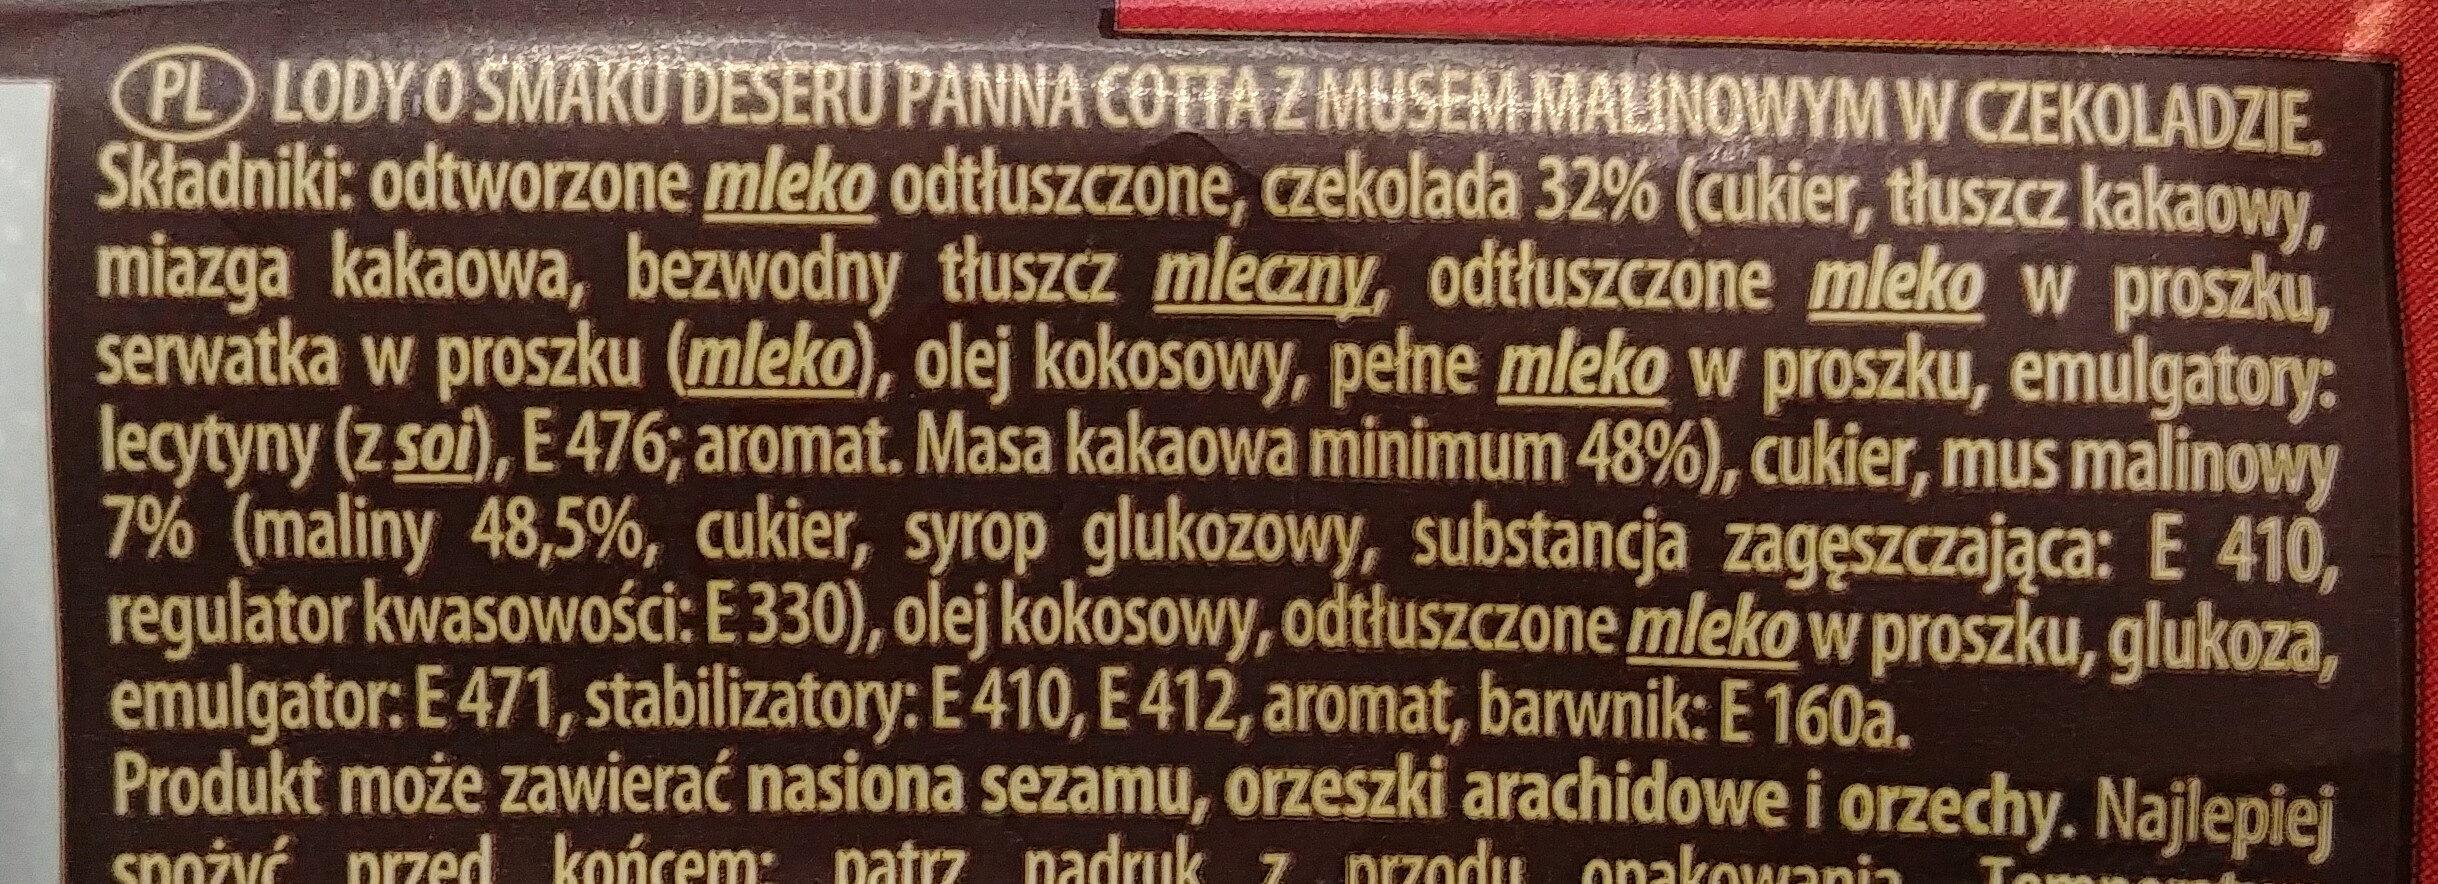 Lody o smaku deseru Panna Cotta z musem malinowym w czekoladzie - Składniki - pl